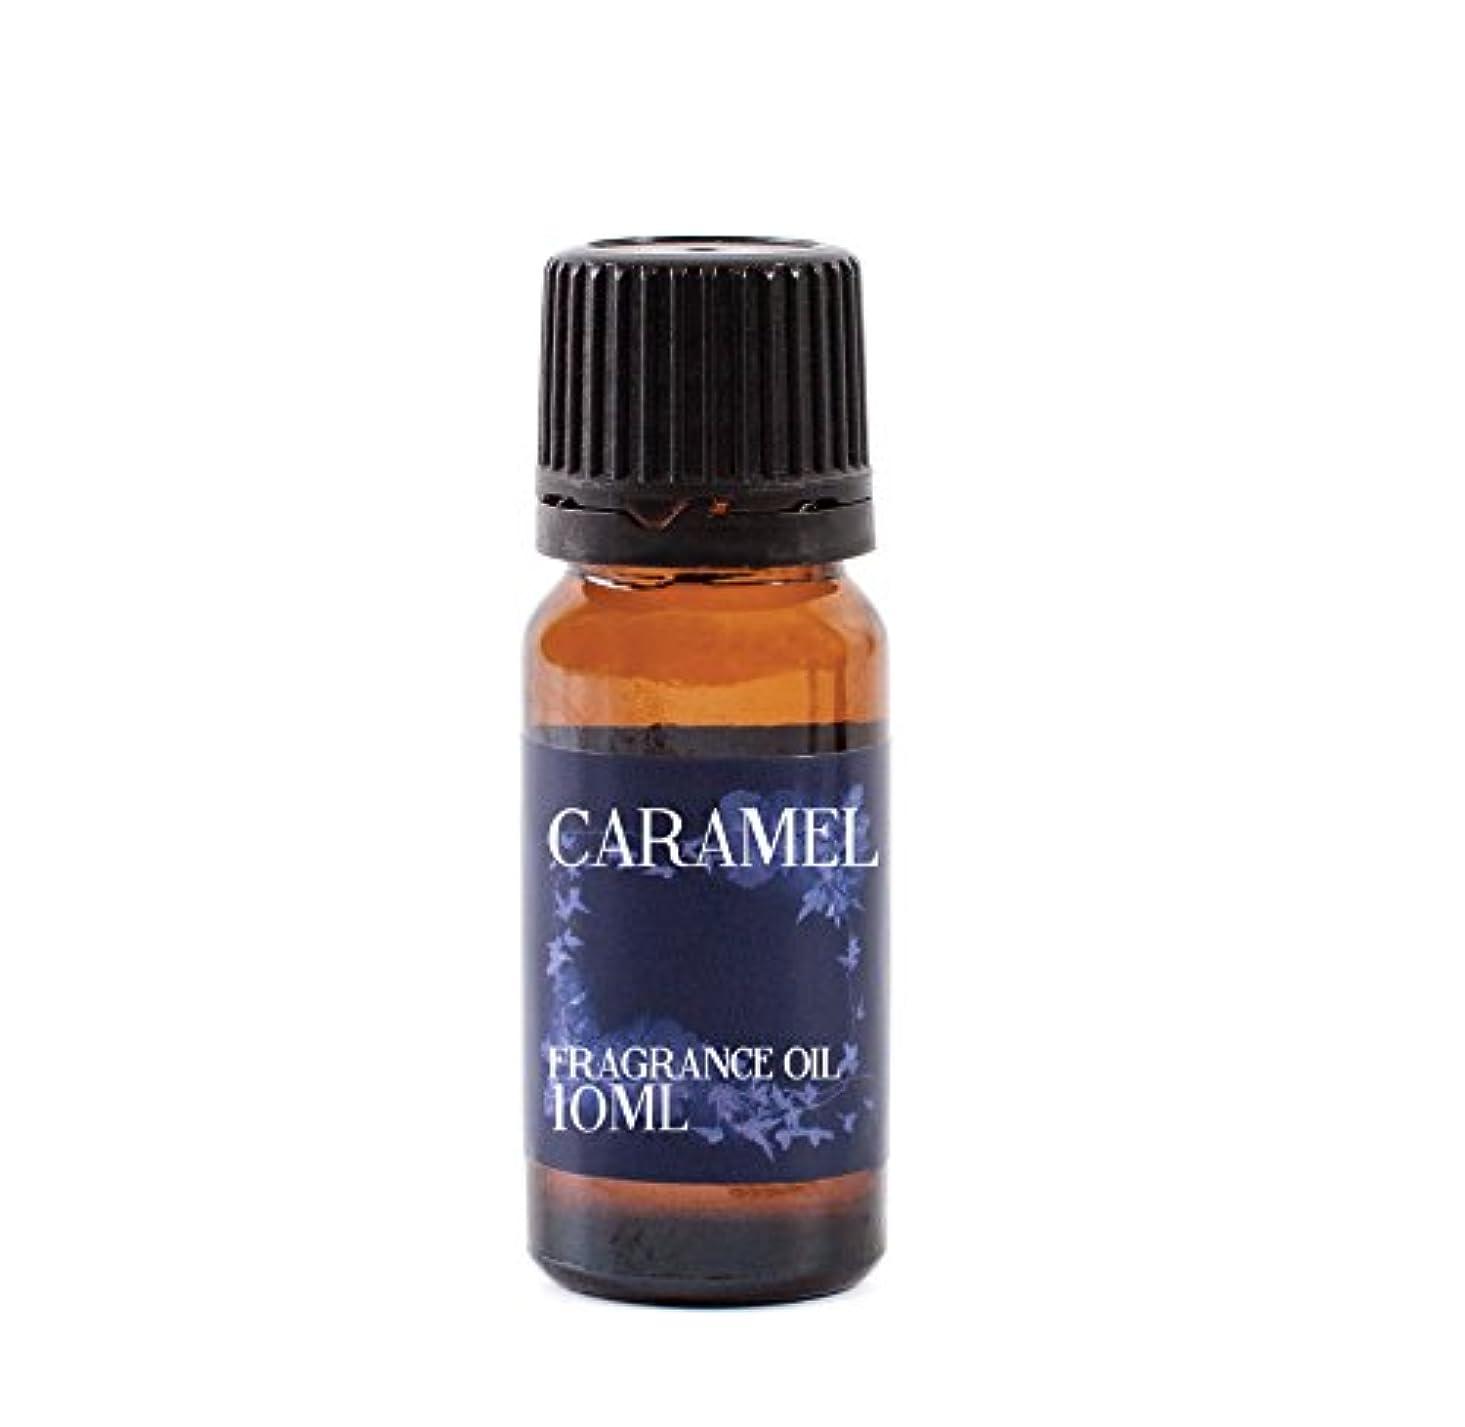 ハンカチリーそれに応じてMystic Moments | Caramel Fragrance Oil - 10ml